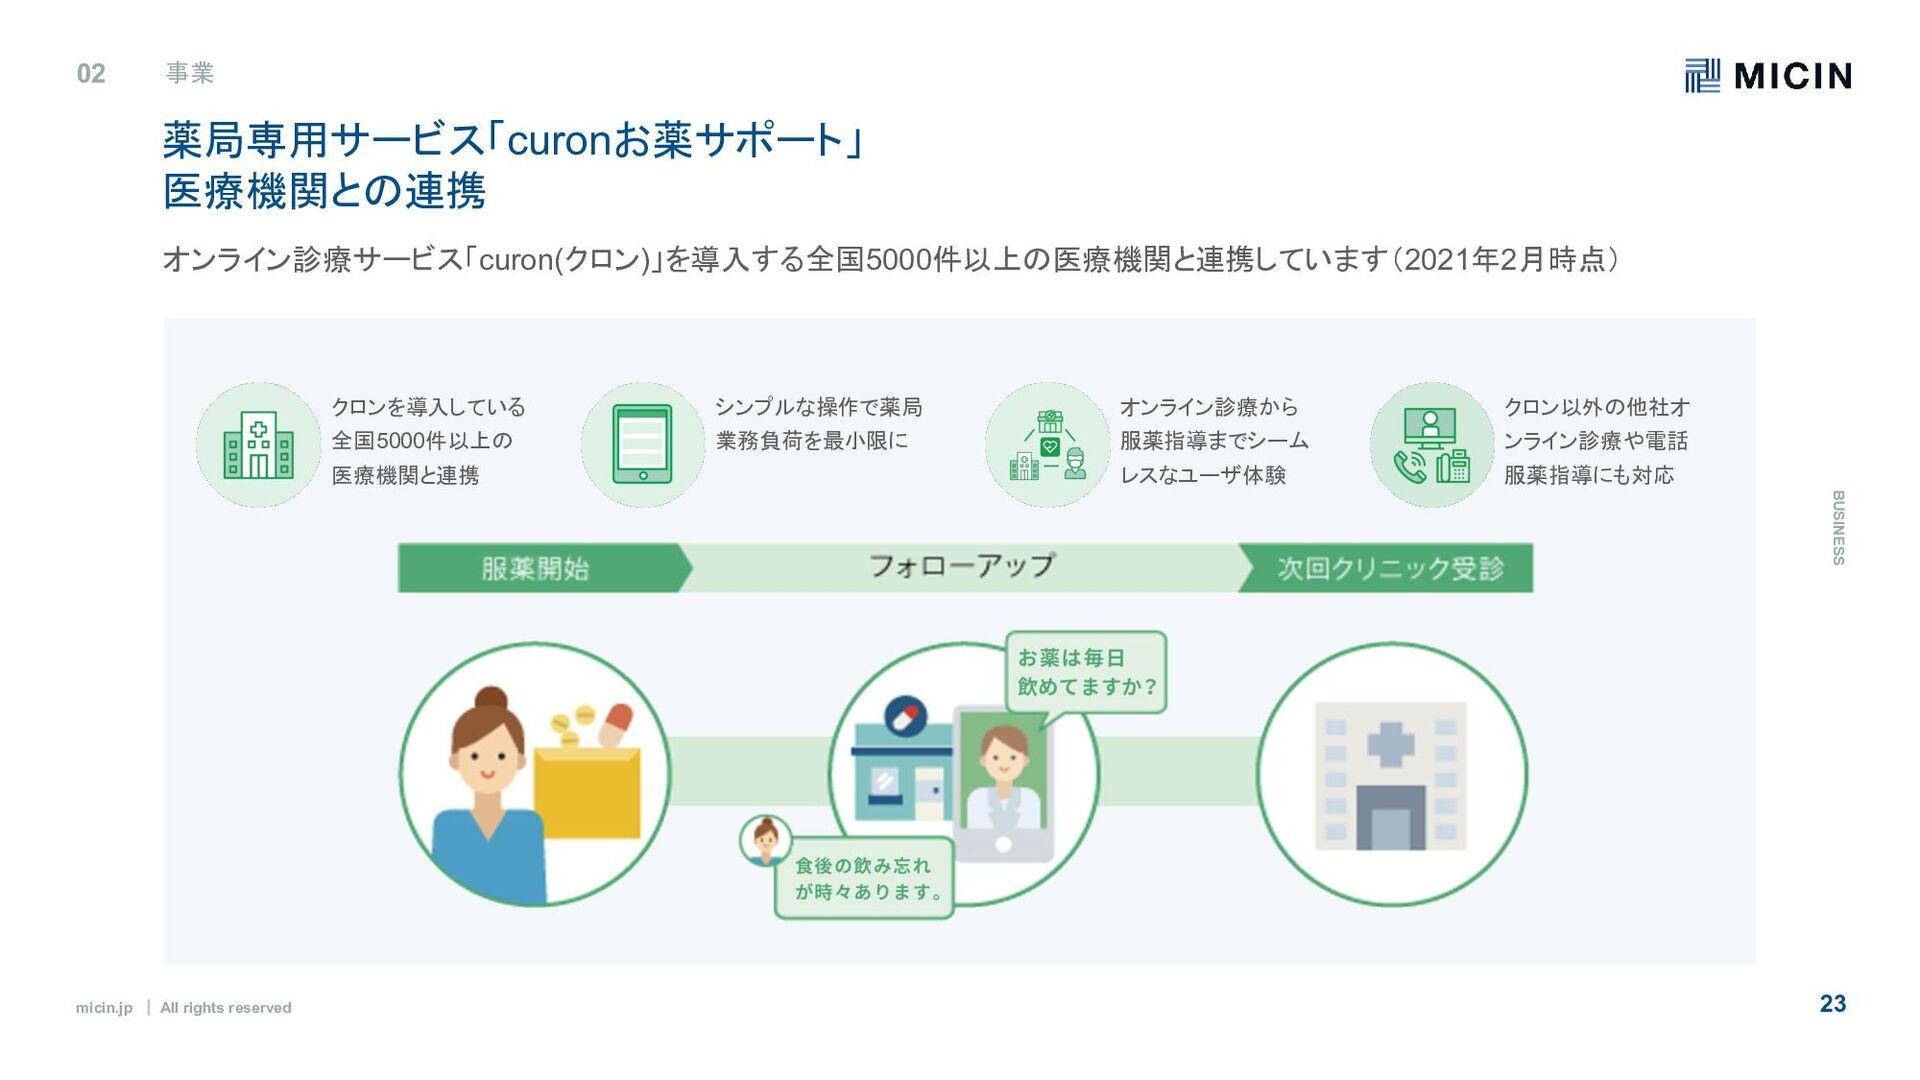 micin.jp ʛ All rights reserved 23 02 事業 B U S I...